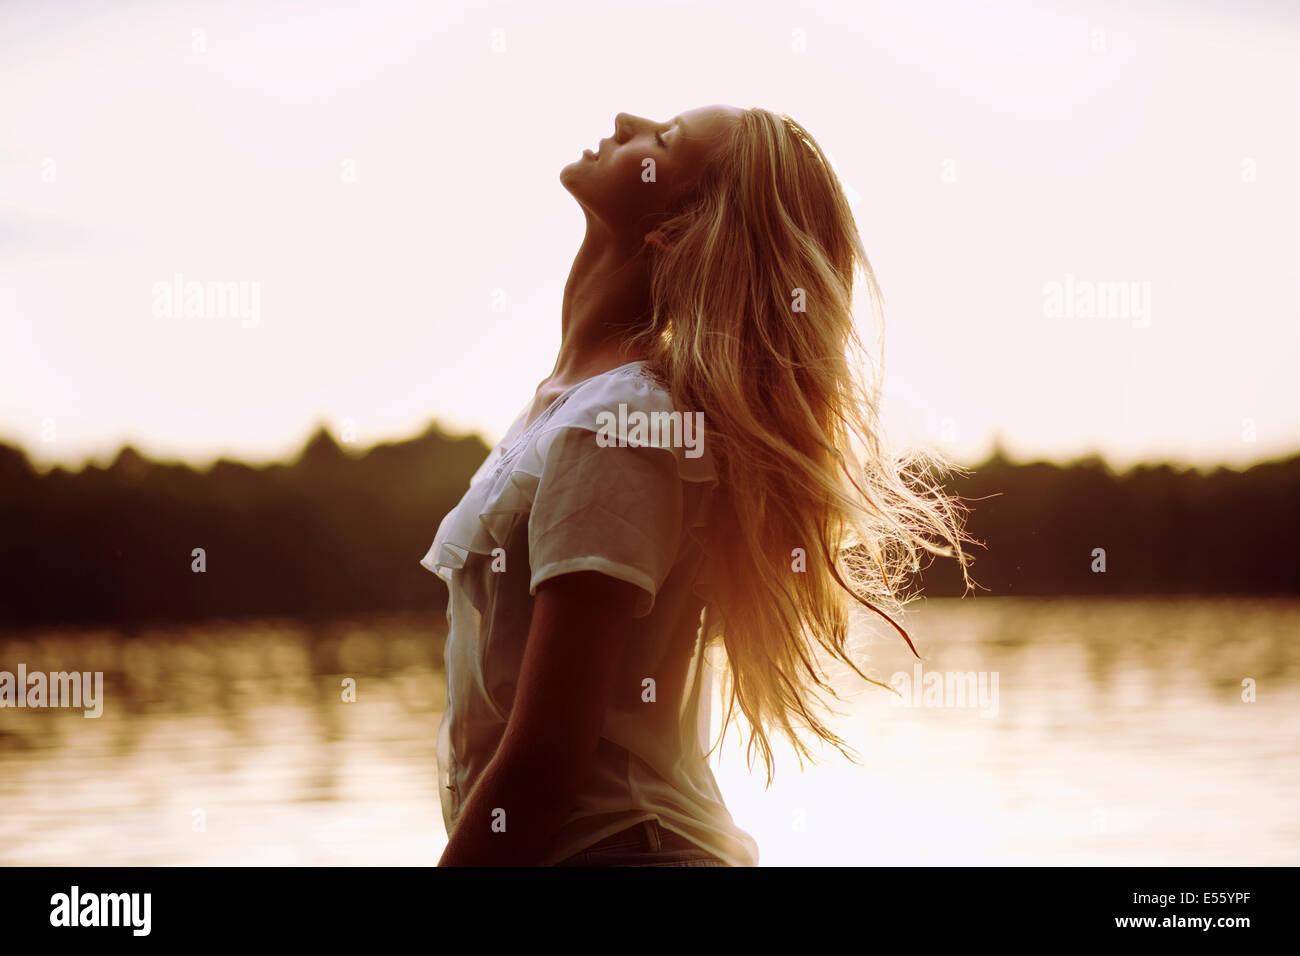 Porträt einer jungen Frau bei Gegenlicht Stockbild